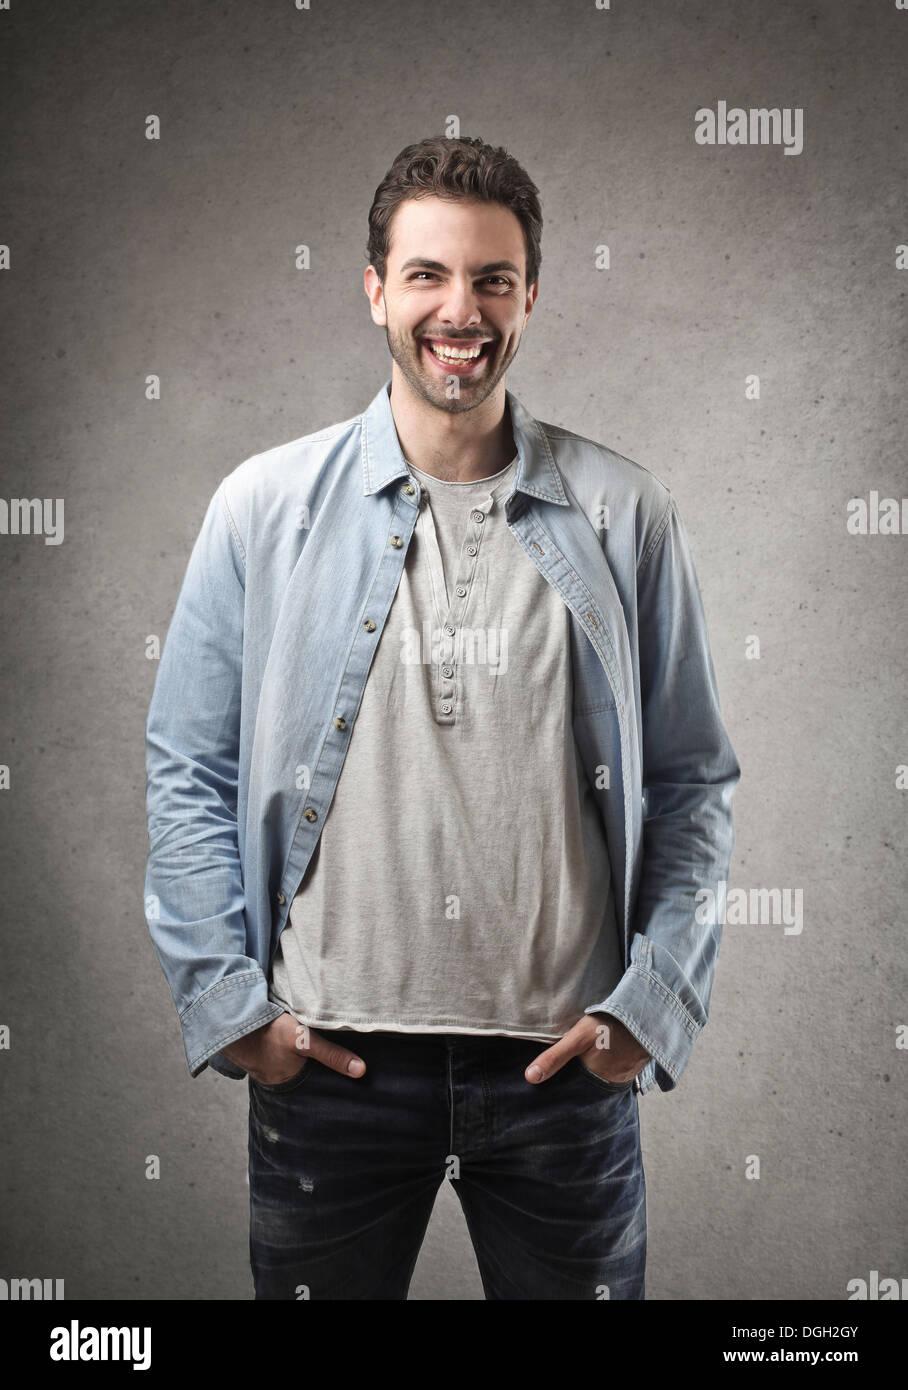 Ritratto di un uomo sorridente Immagini Stock